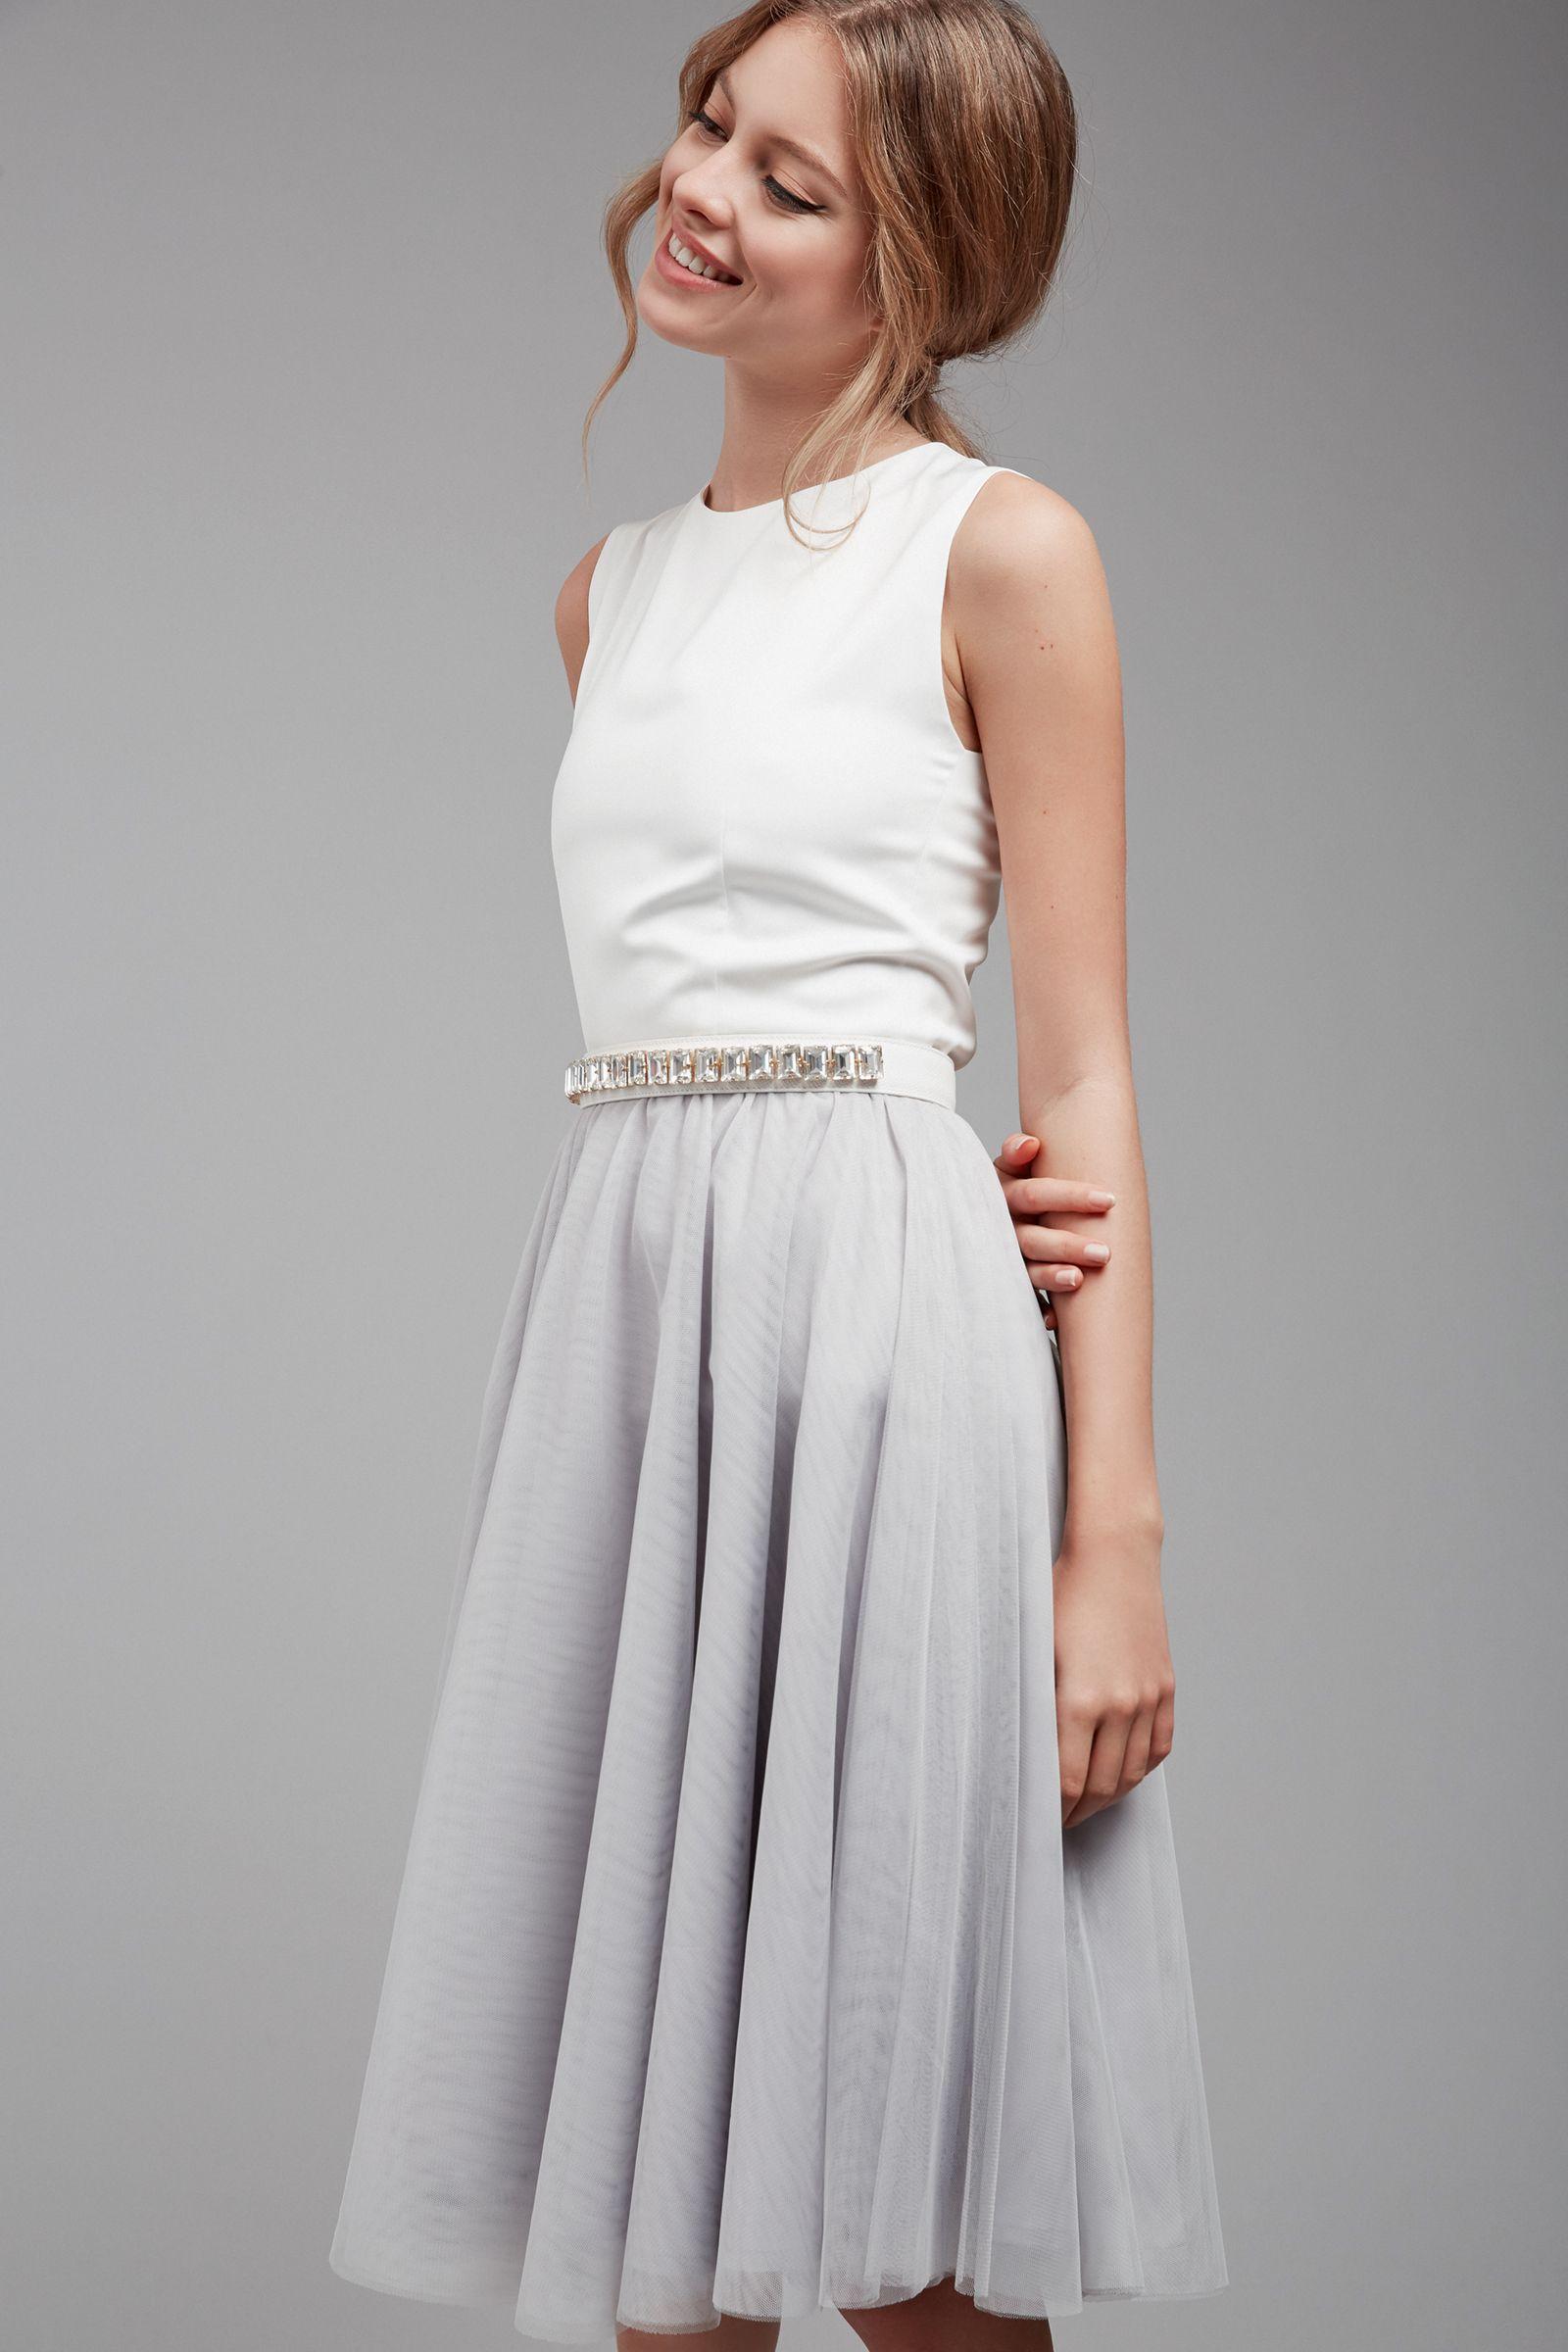 Kurzes Brautkleid Mit Tullrock Fur Das Standesamt Kleid Standesamt Braut Hochzeitsoutfit Trauzeugin Outfit